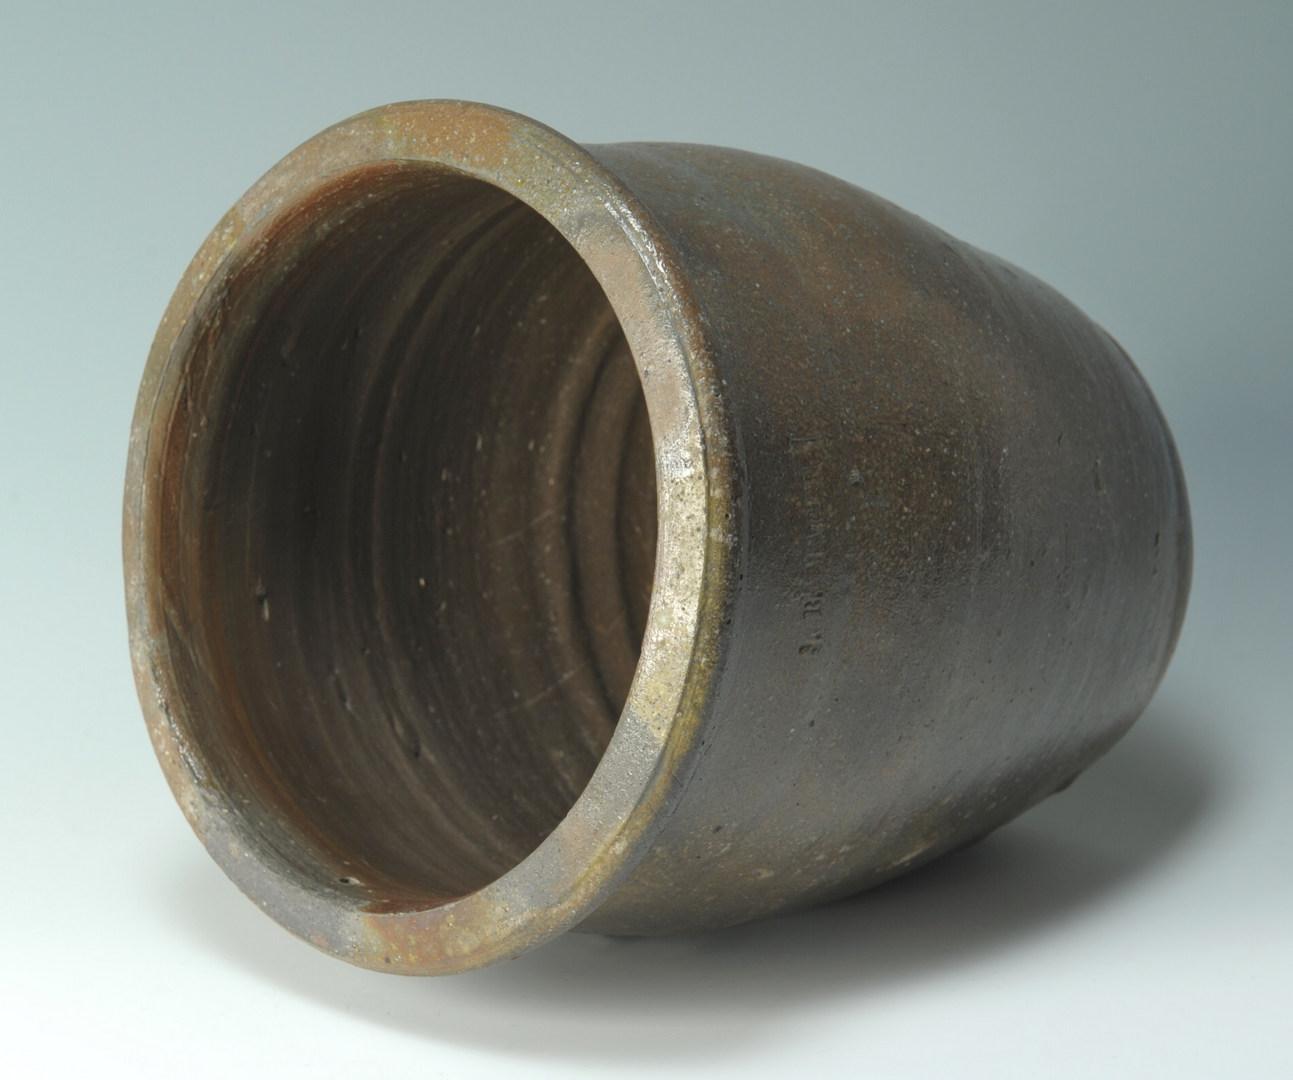 Lot 300: J. B. Magee Stamped Stoneware Jar